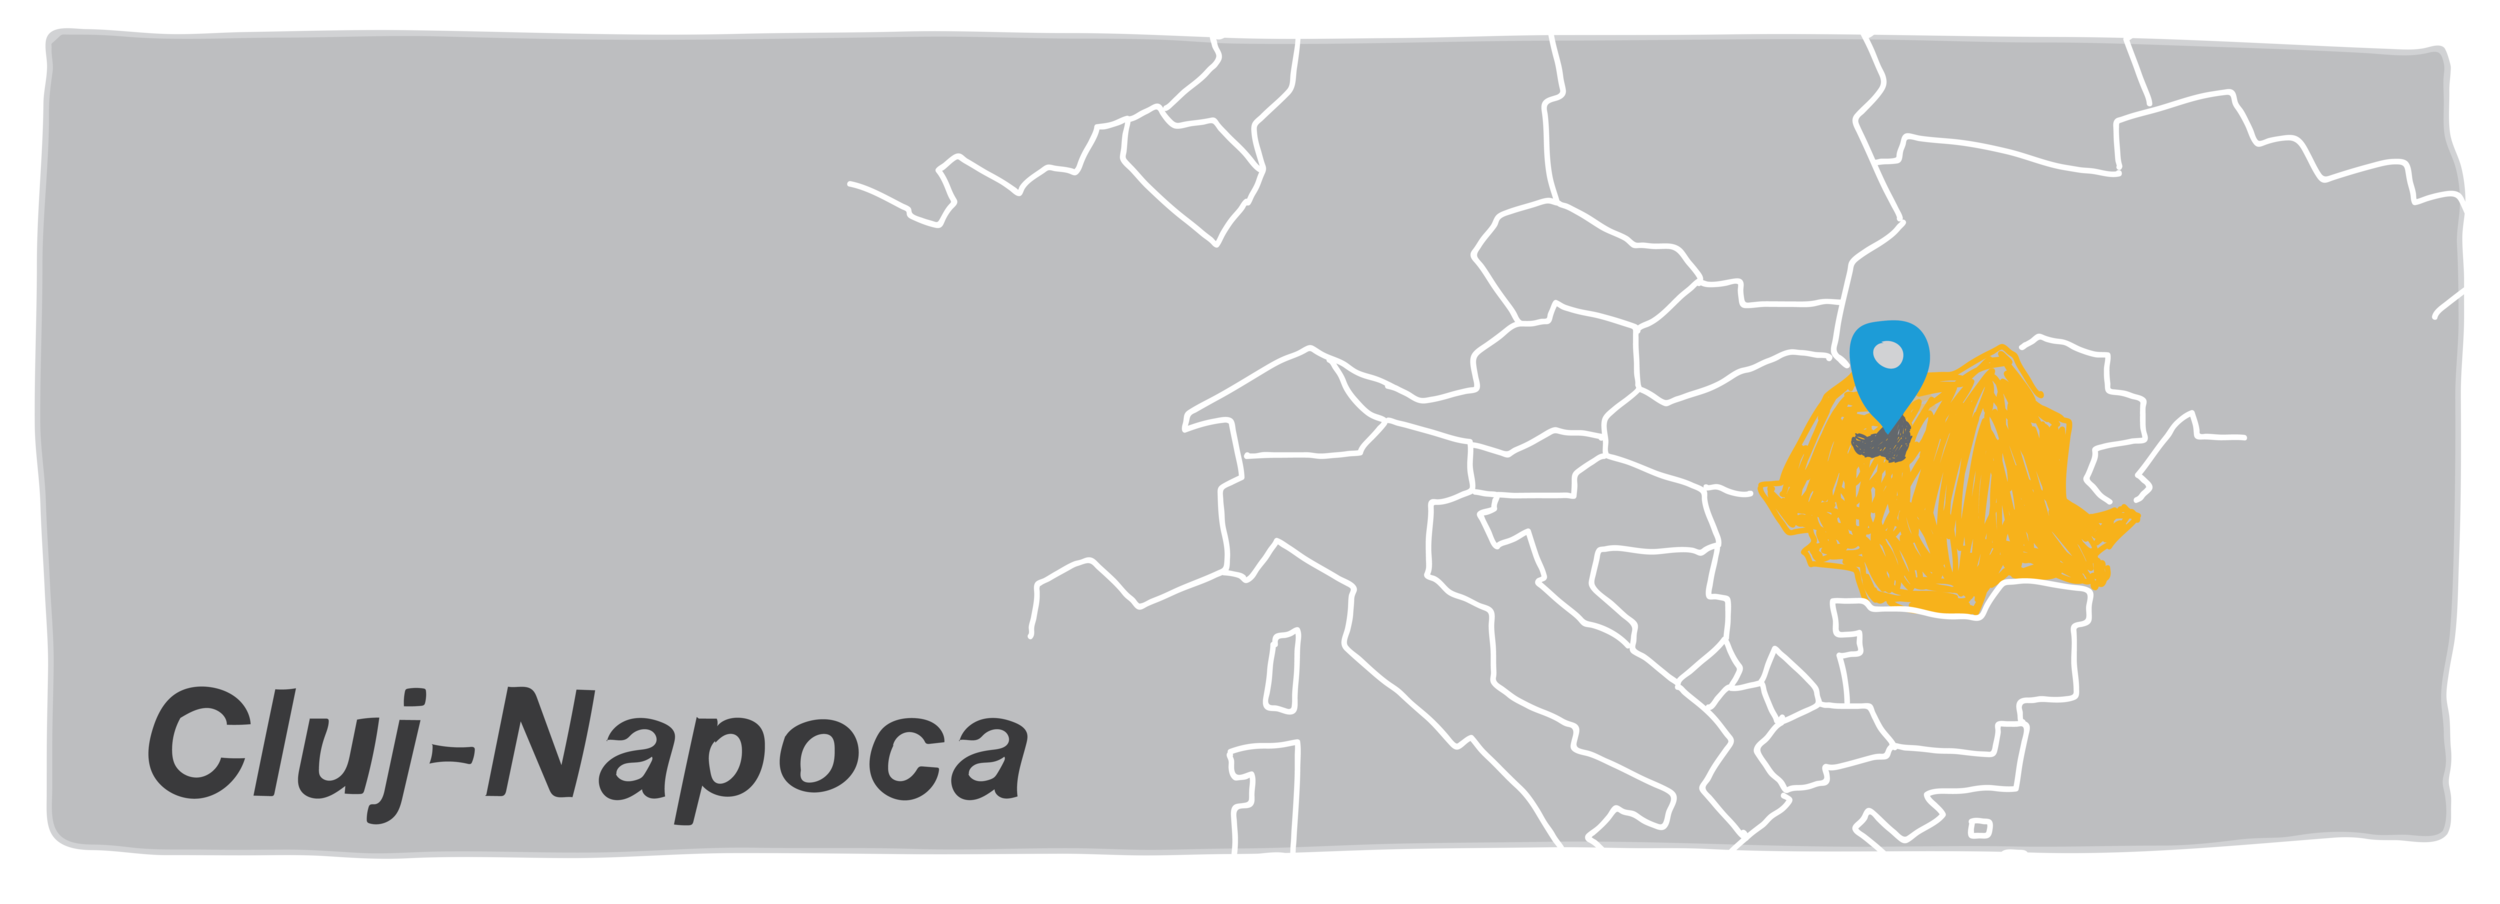 Harta-01.png